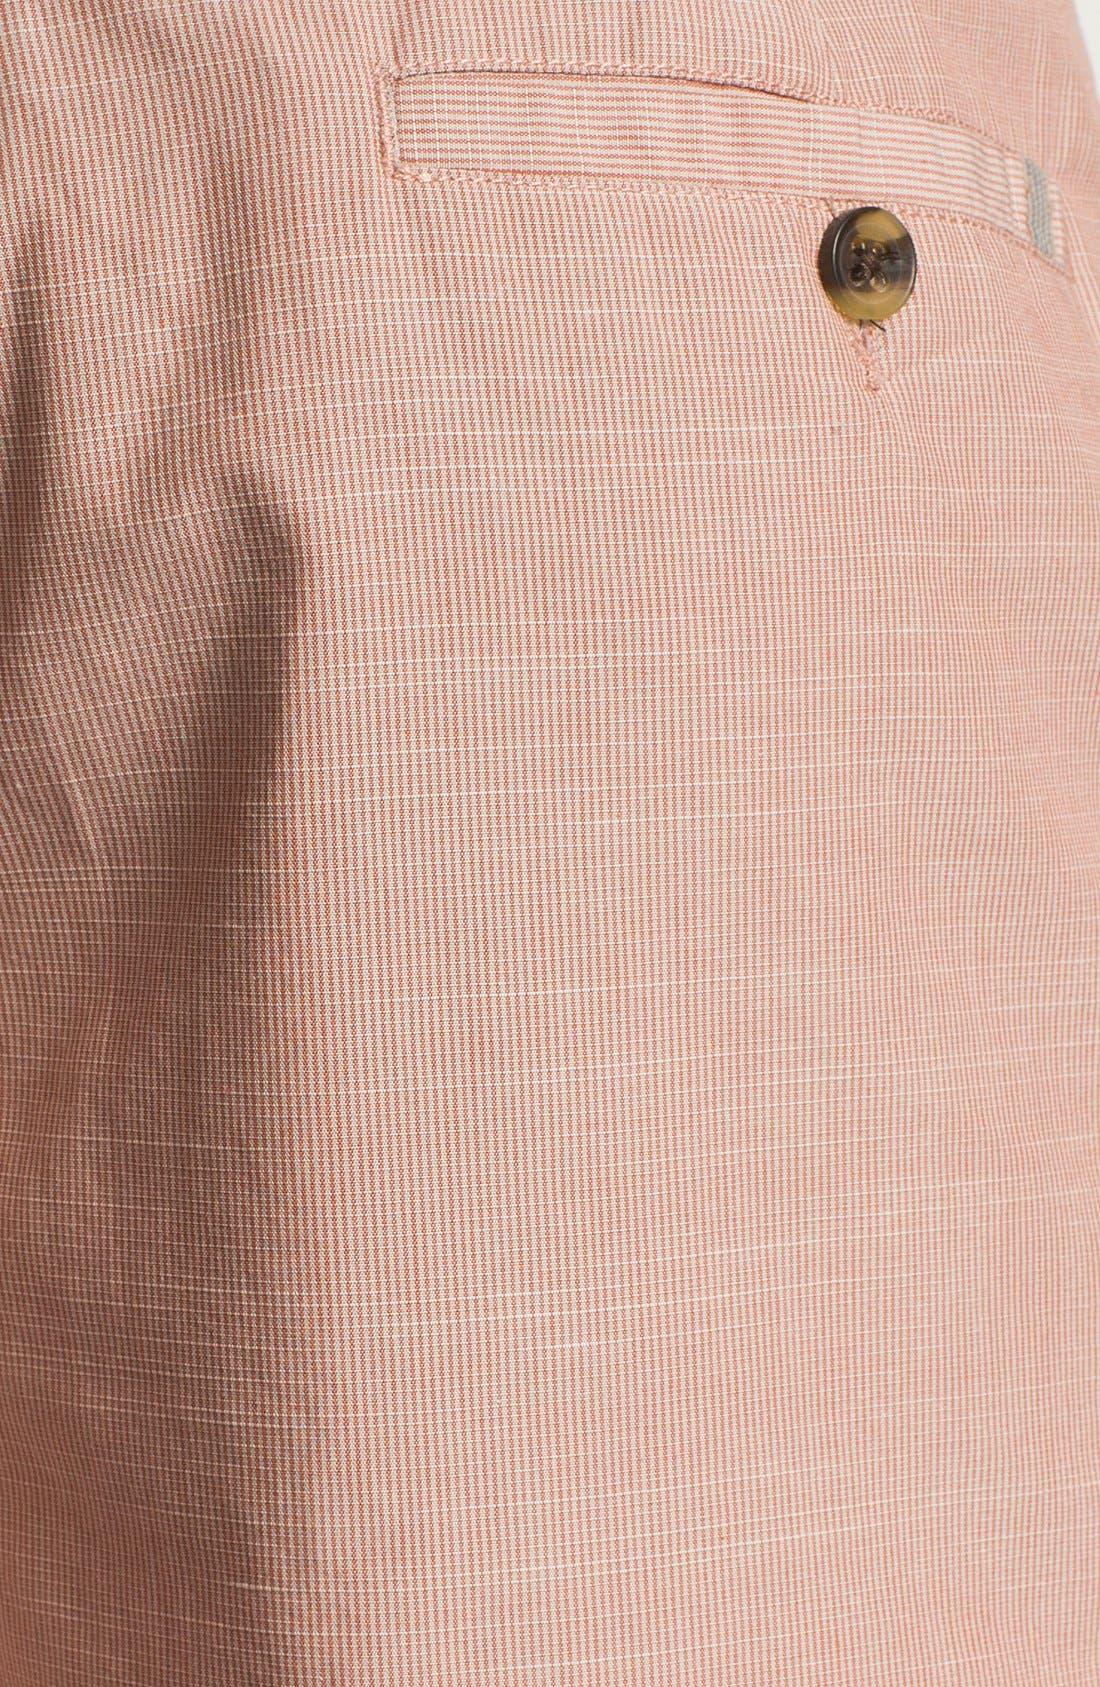 Alternate Image 3  - Wallin & Bros. 'Lanspur' Flat Front Shorts